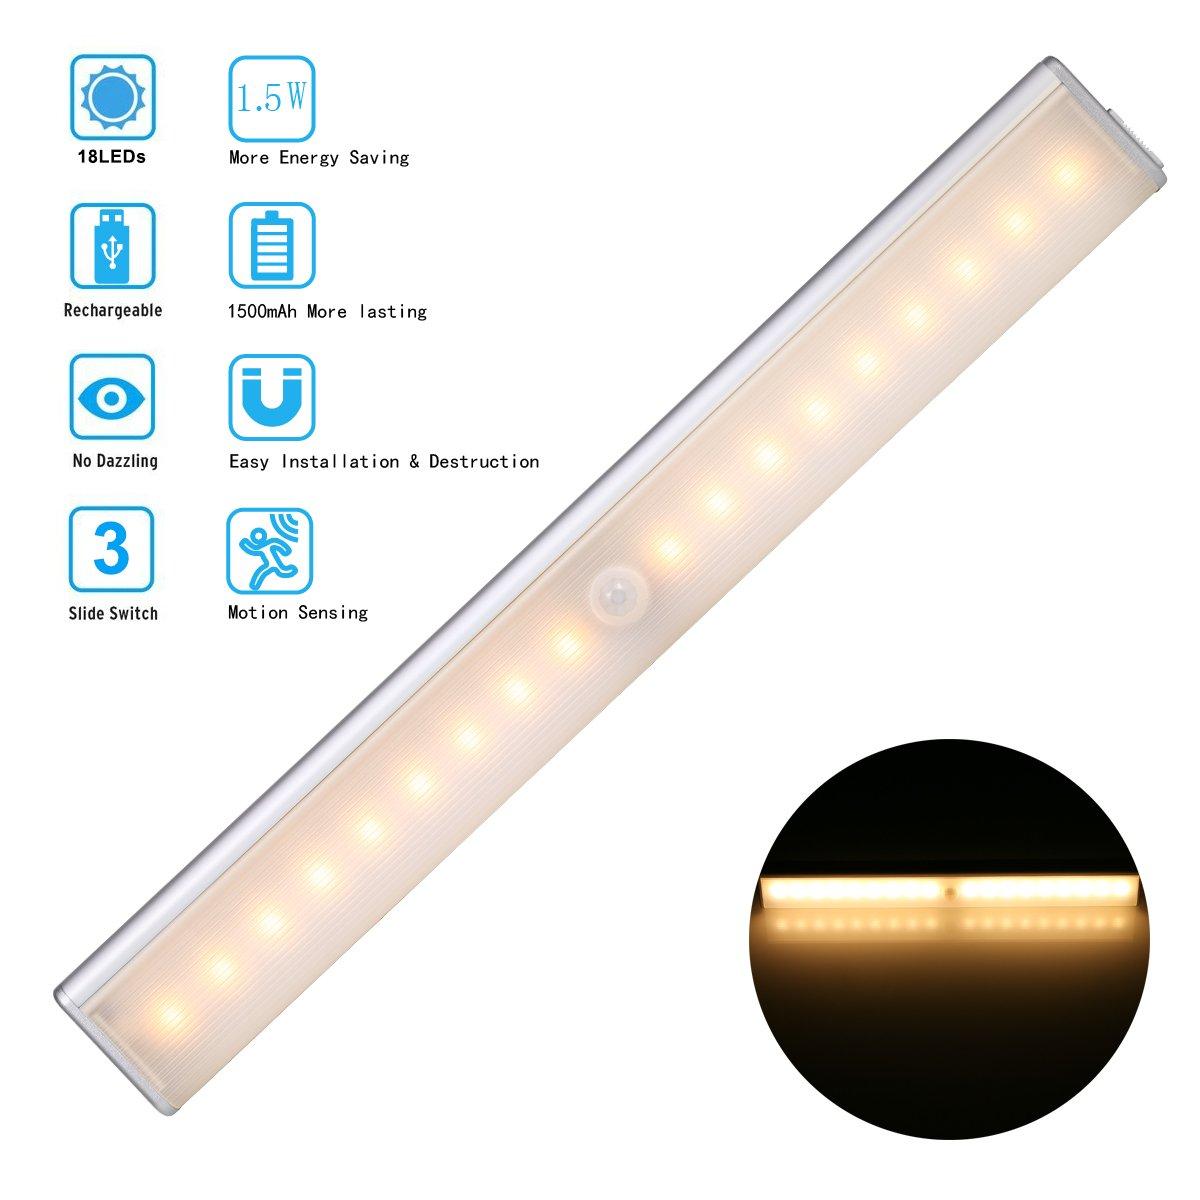 モーションセンサークローゼットライト下キャビネット照明、ワイヤレスUSB充電式磁気取り外し可能スティックオンforキッチン/ワードローブ/引き出し/戸棚、18 LED暖かいホワイト B071K1M761 16066